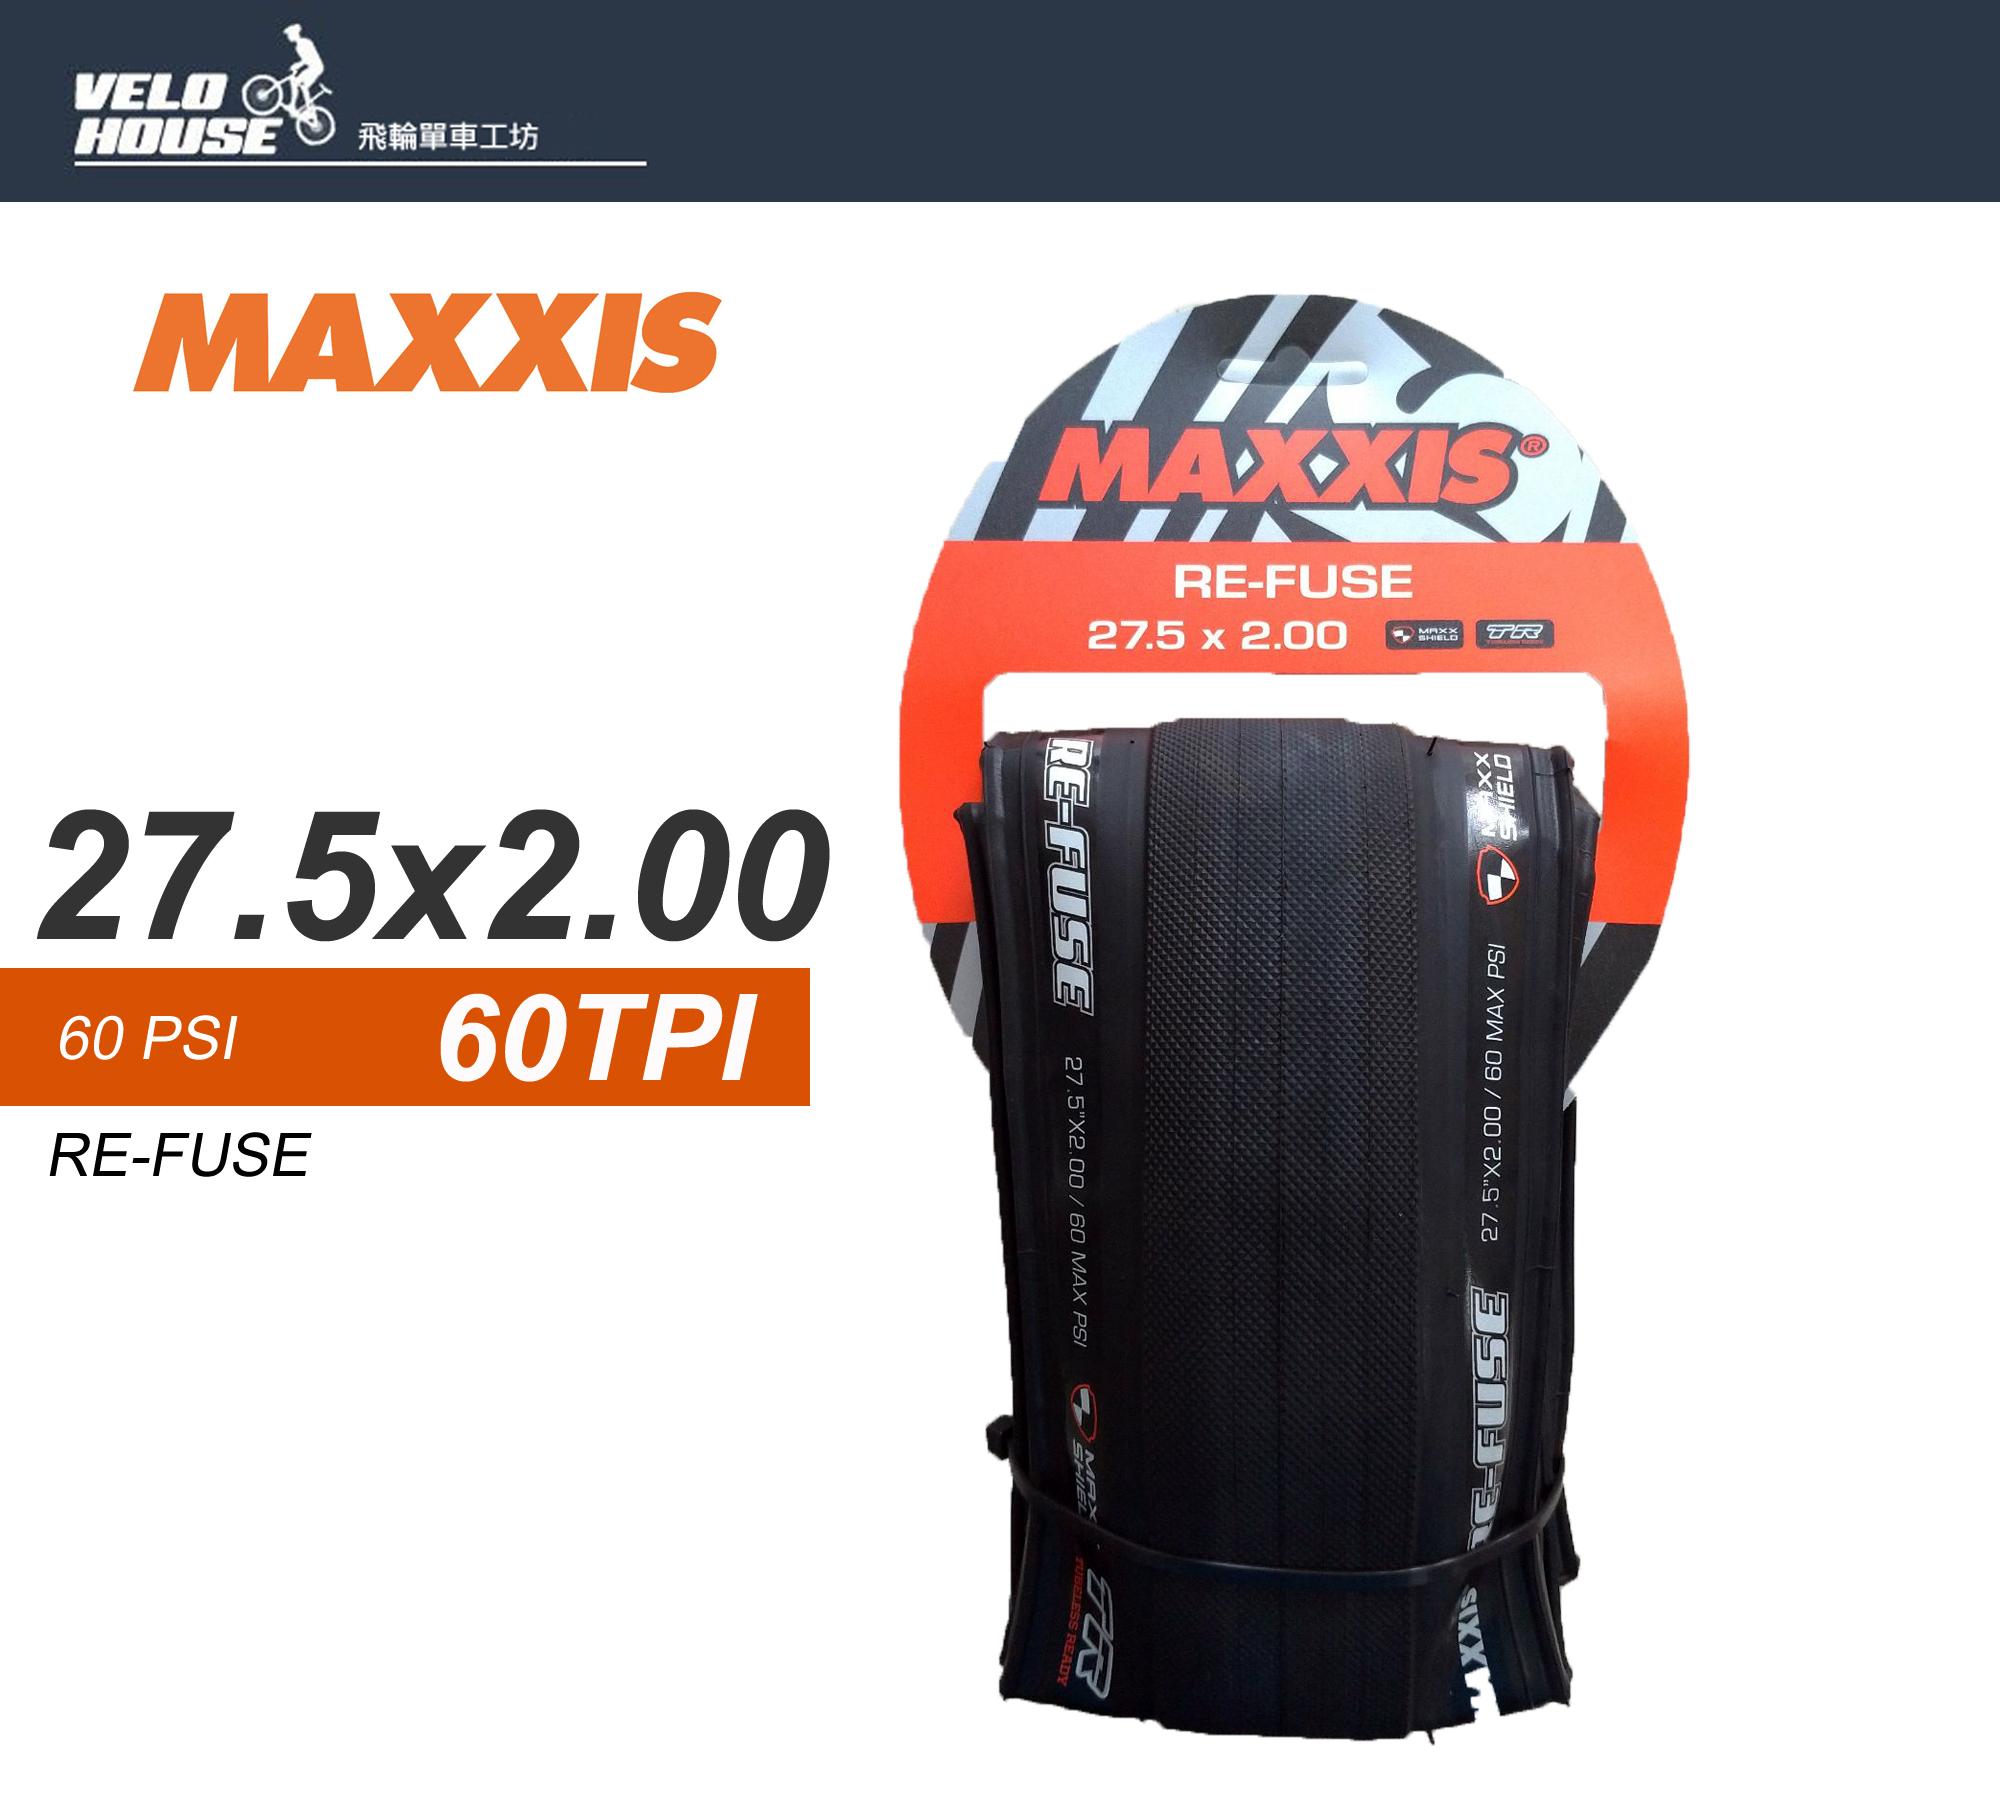 【飛輪單車】MAXXIS RE-FUSE 外胎 27.5*2.00無內胎可用M200RU[03103000]